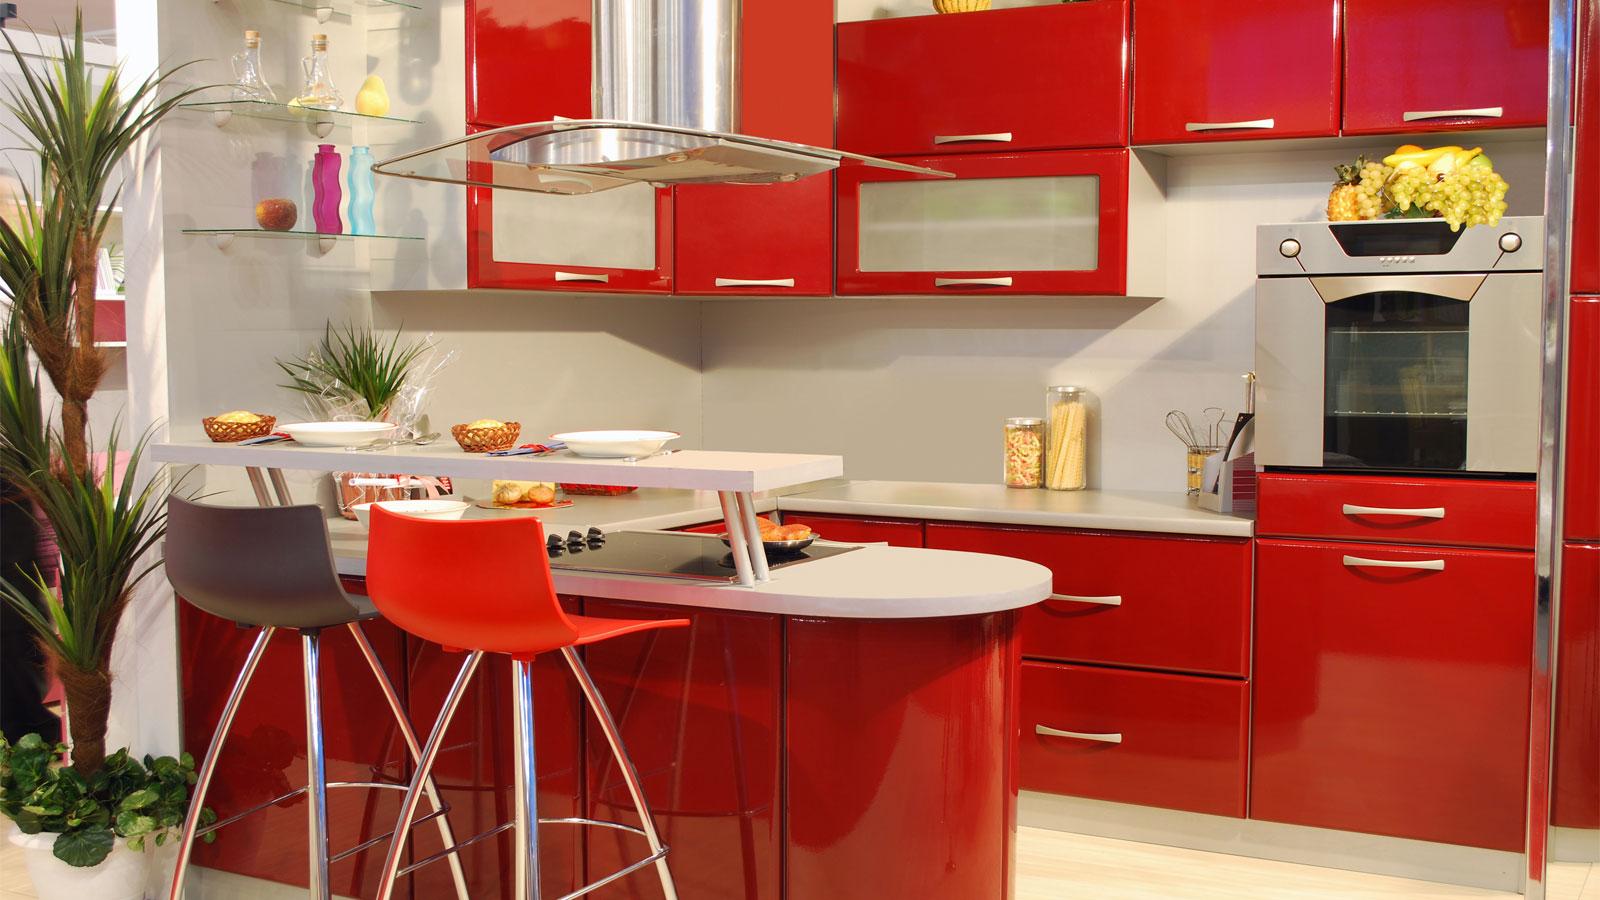 Fabuloso Uma cozinha vermelha para te inspirar | Amo KitchenAid RL79